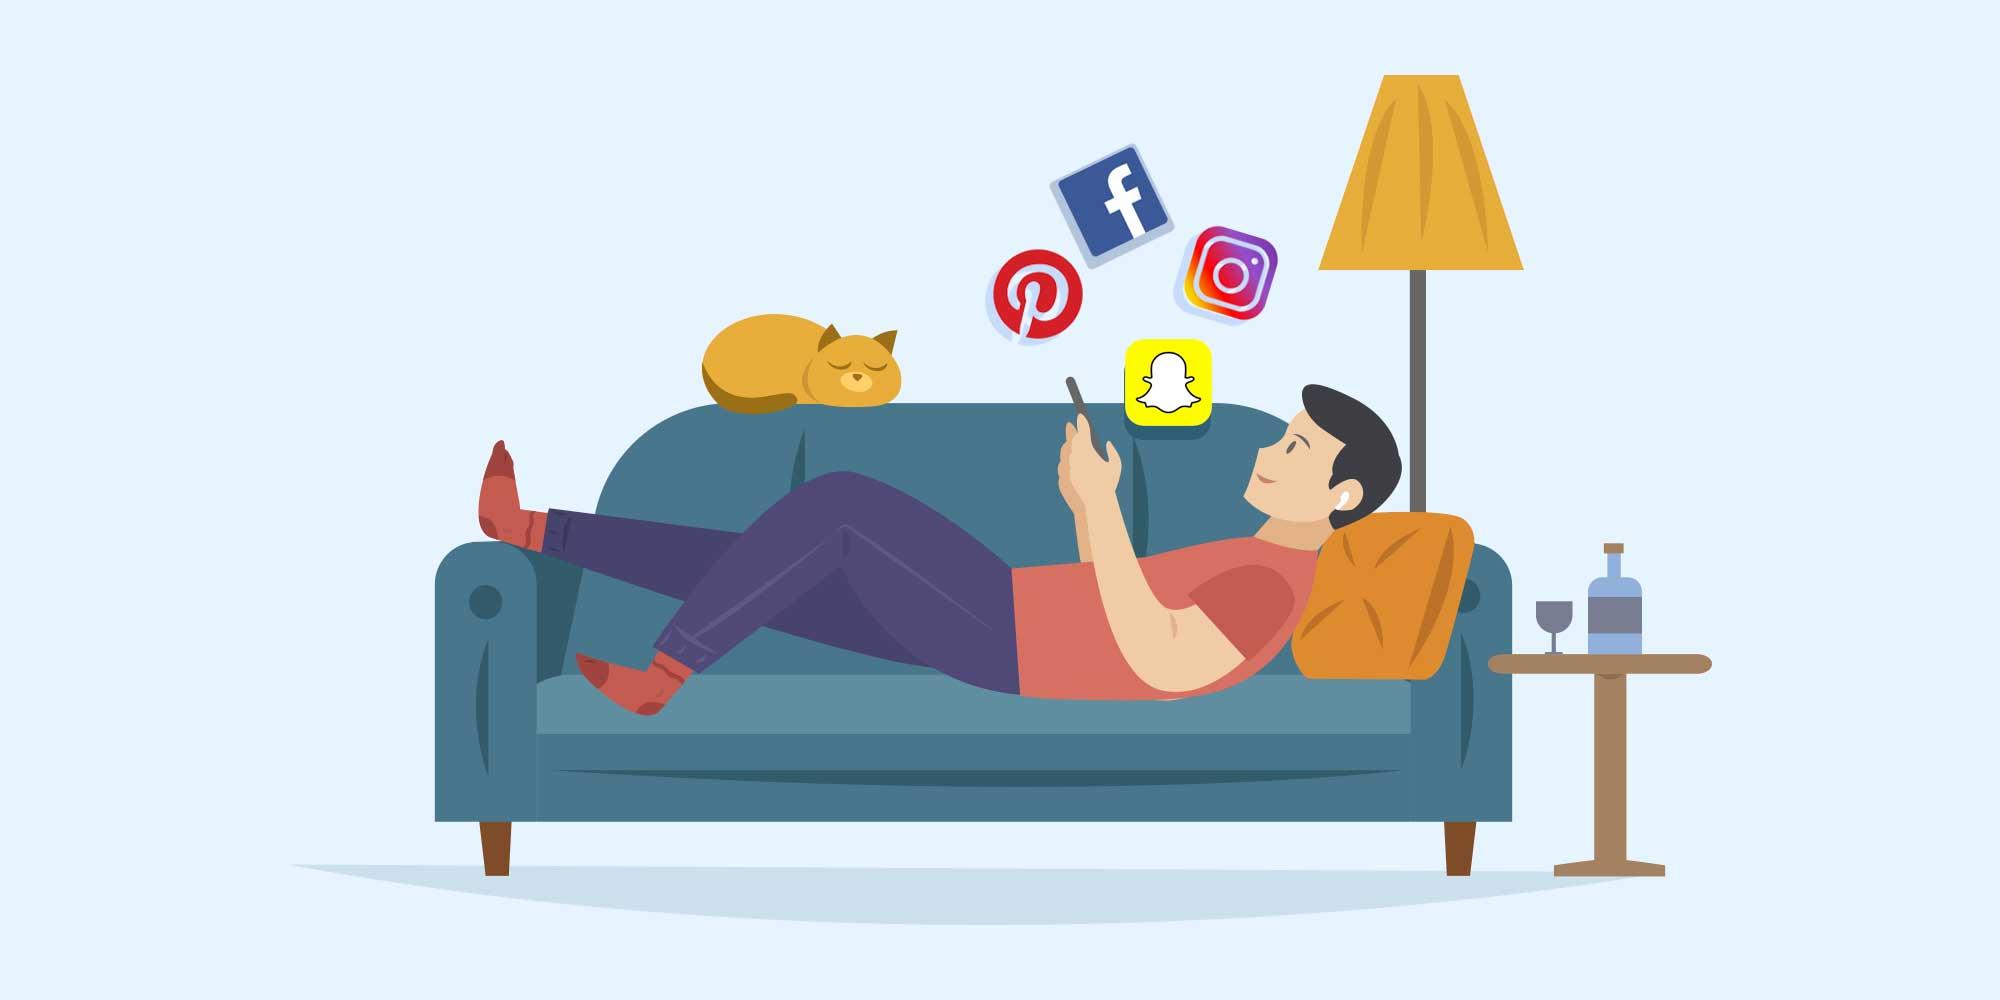 نقش اپلیکیشنهای شبکههای اجتماعی در دوران کرونا